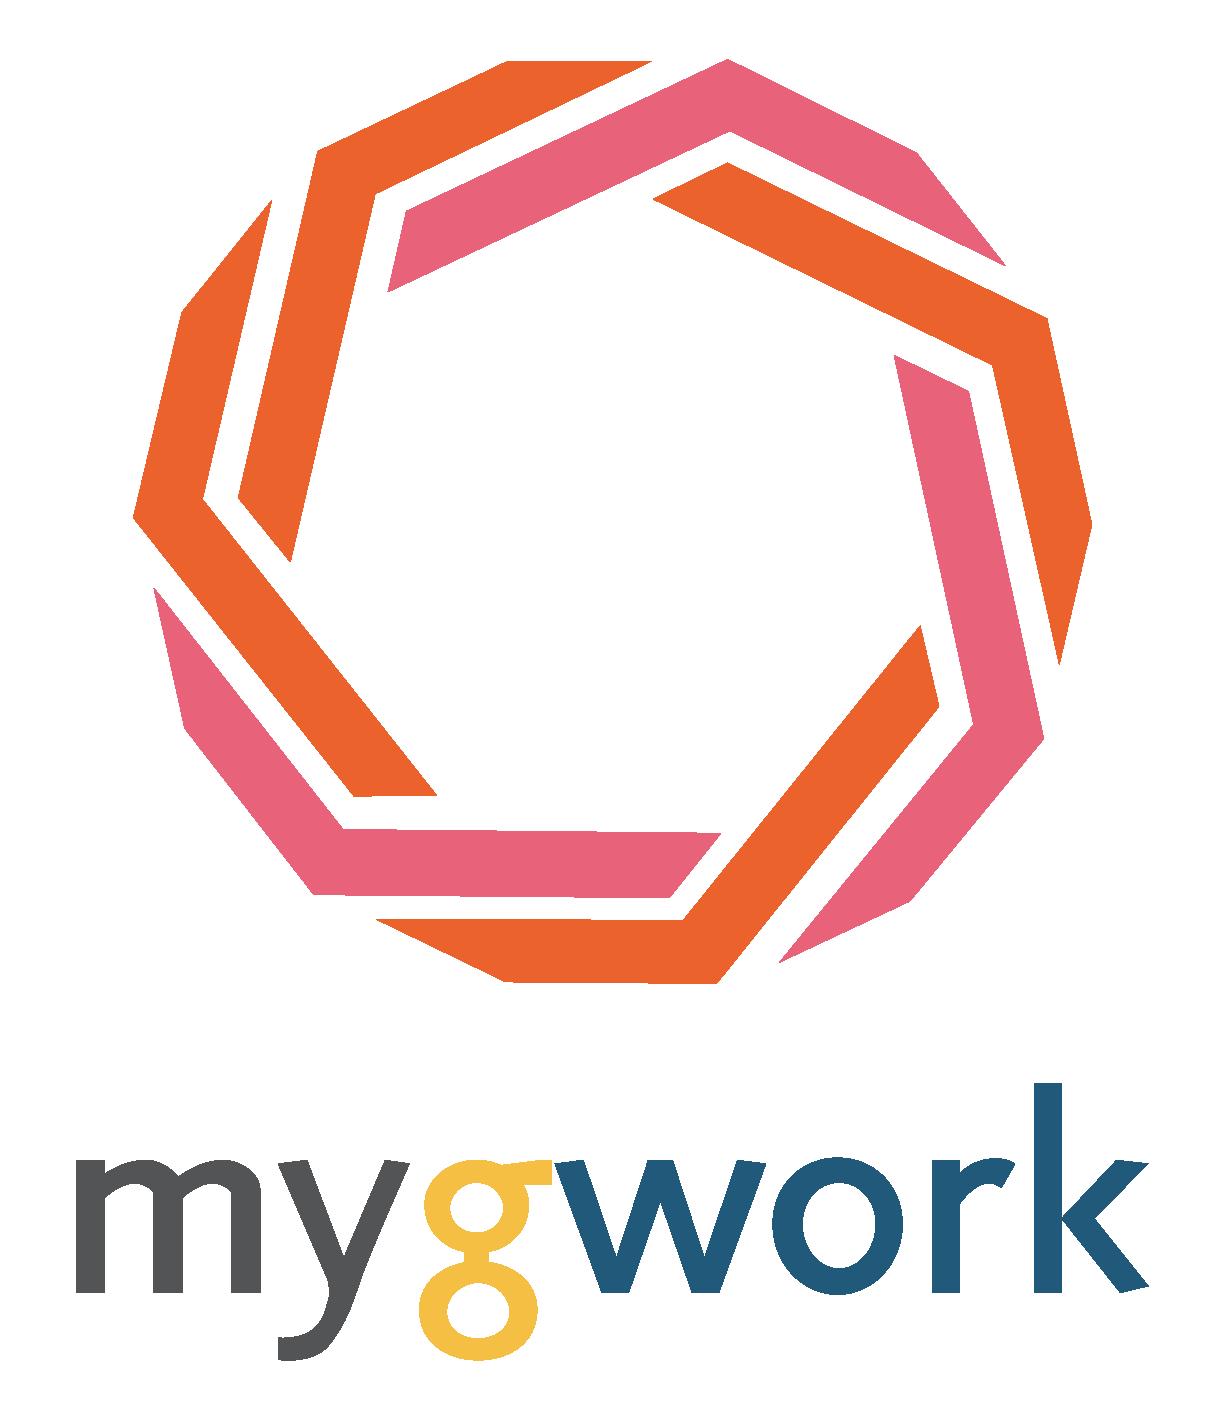 Mygwork